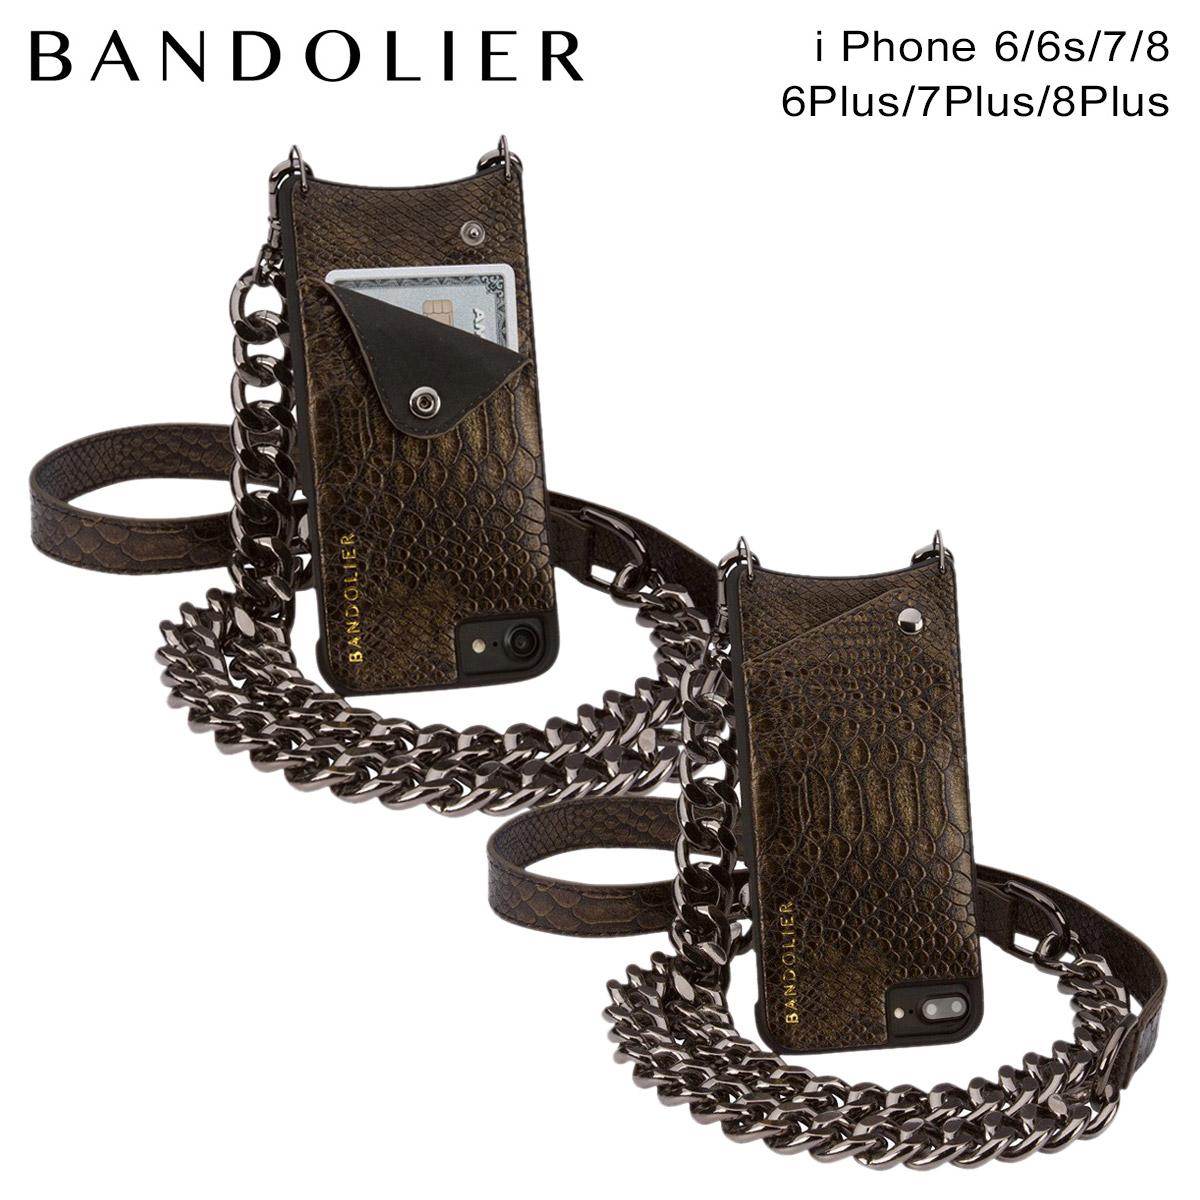 BANDOLIER バンドリヤー iPhone8 iPhone7 7Plus 6s ケース スマホ アイフォン プラス JUN レザー メンズ レディース